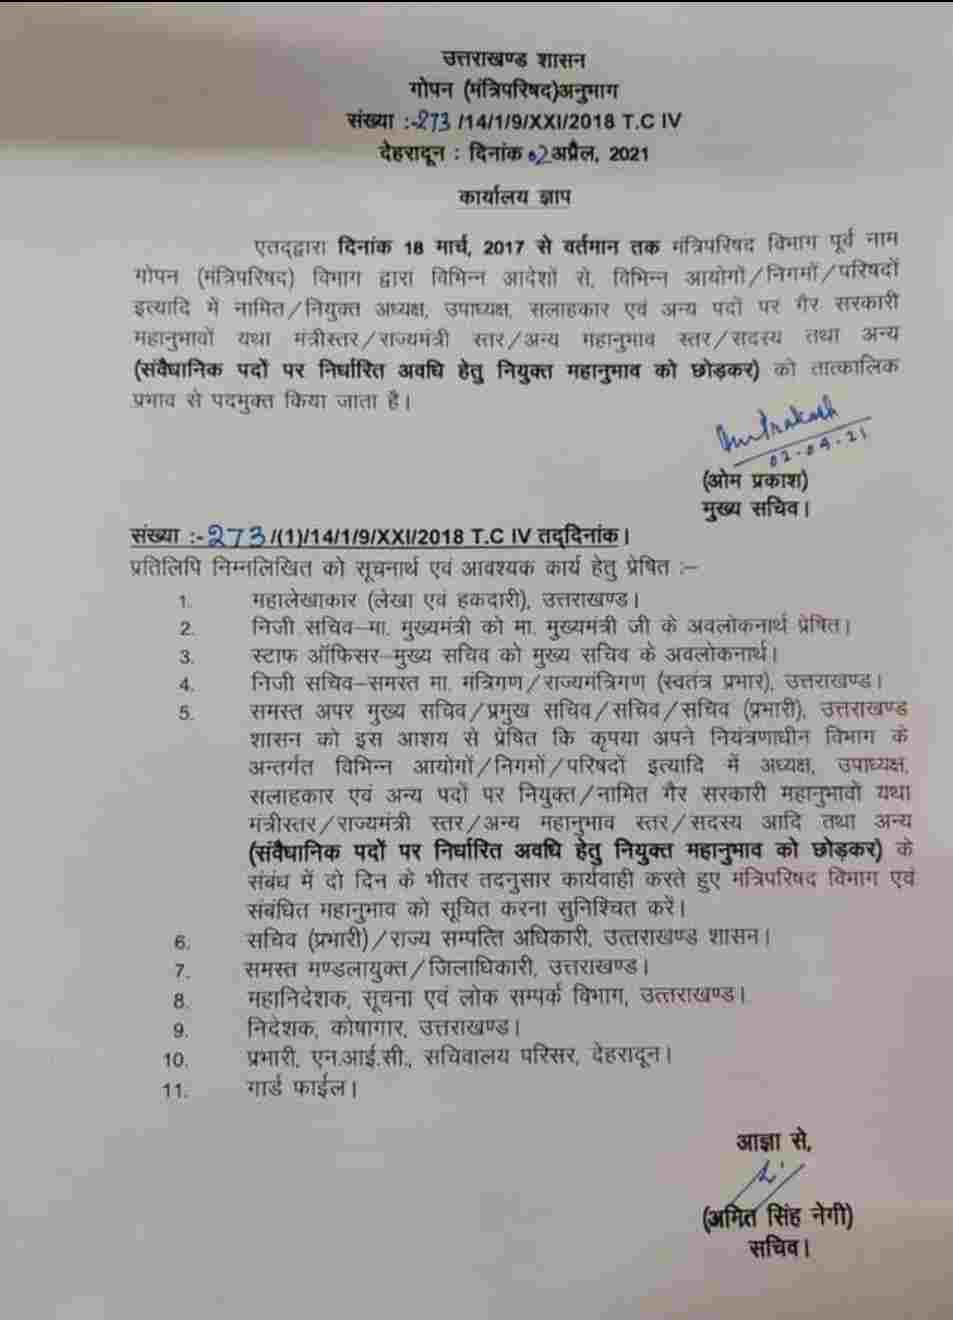 मुख्यमंत्री तीरथ सिंह रावत ने त्रिवेंद्र के कार्यकाल में बनाए गए दायित्व धारियों पर गिराई गाज, सभी दायित्व धारियों की छुट्टी 2